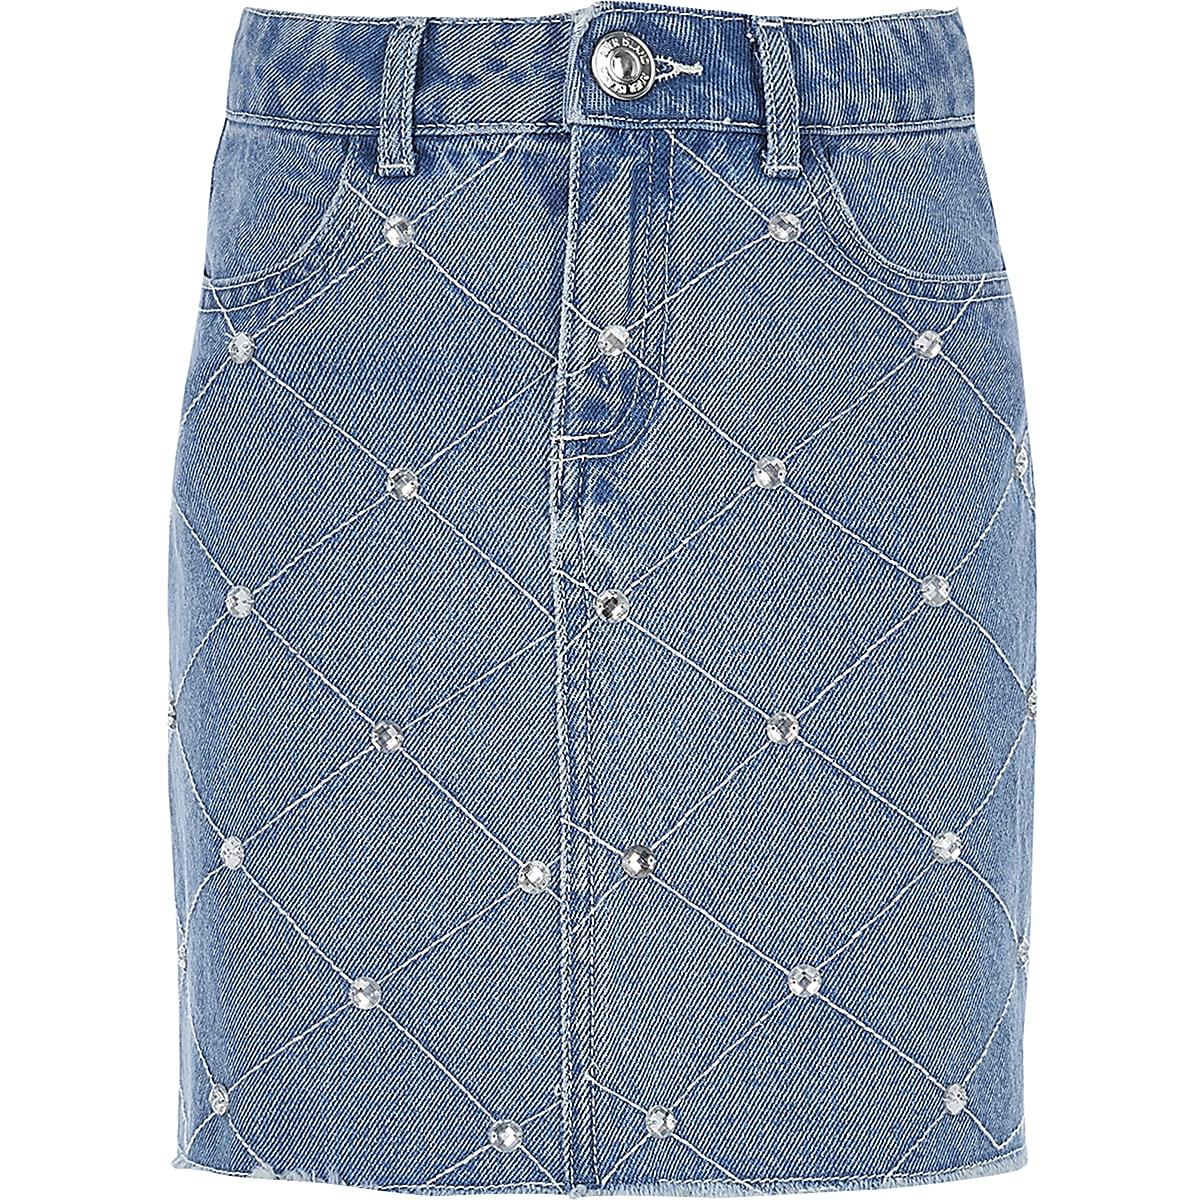 Girls blue diamante denim skirt